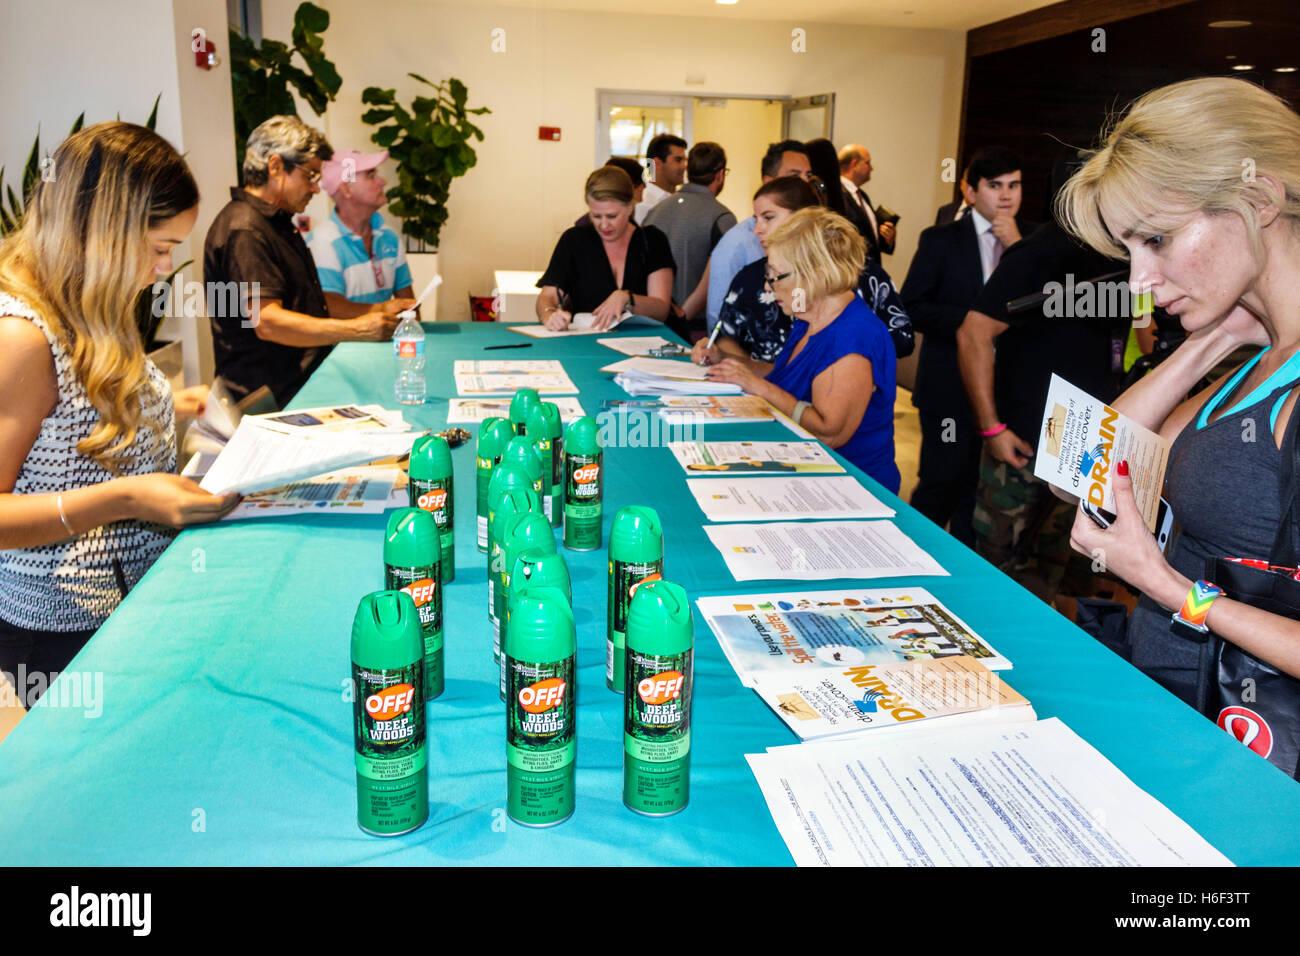 Miami Florida Beach Condominiums Waverly Virus Zika Ayuntamiento reunión libre Mosquito Spray Off! Información literatura Foto de stock